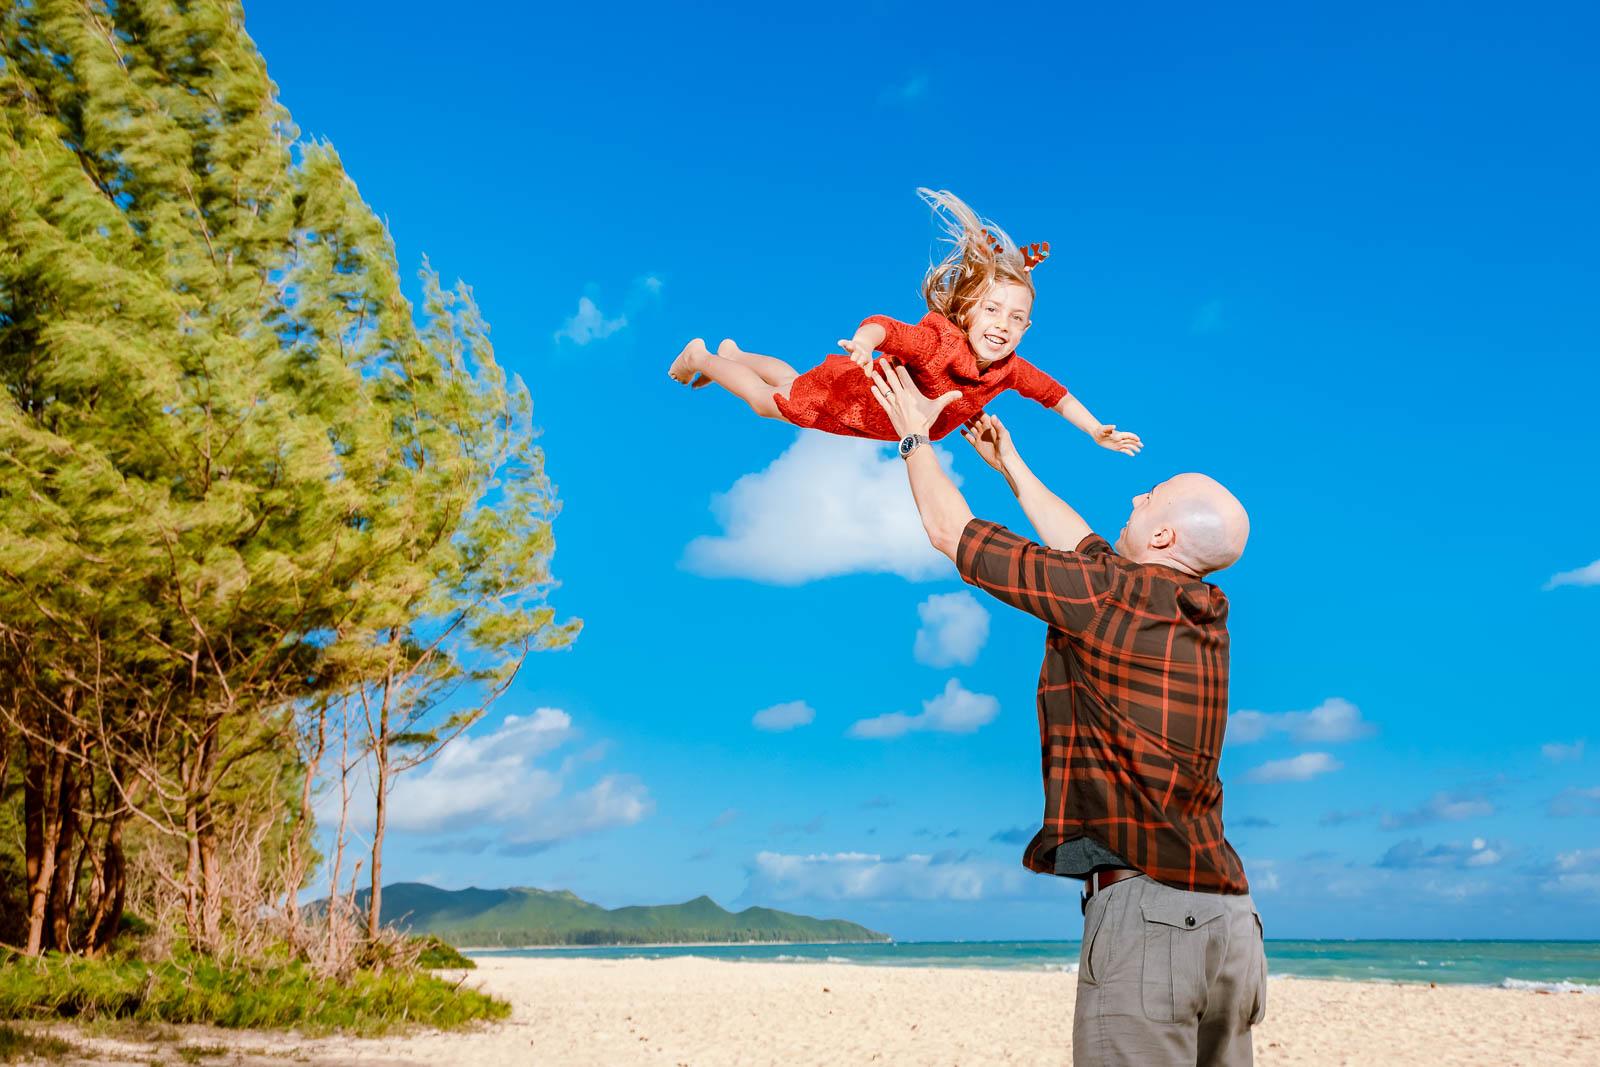 dad tossing kid in sky flying beach ocean oahu hawaii family photo